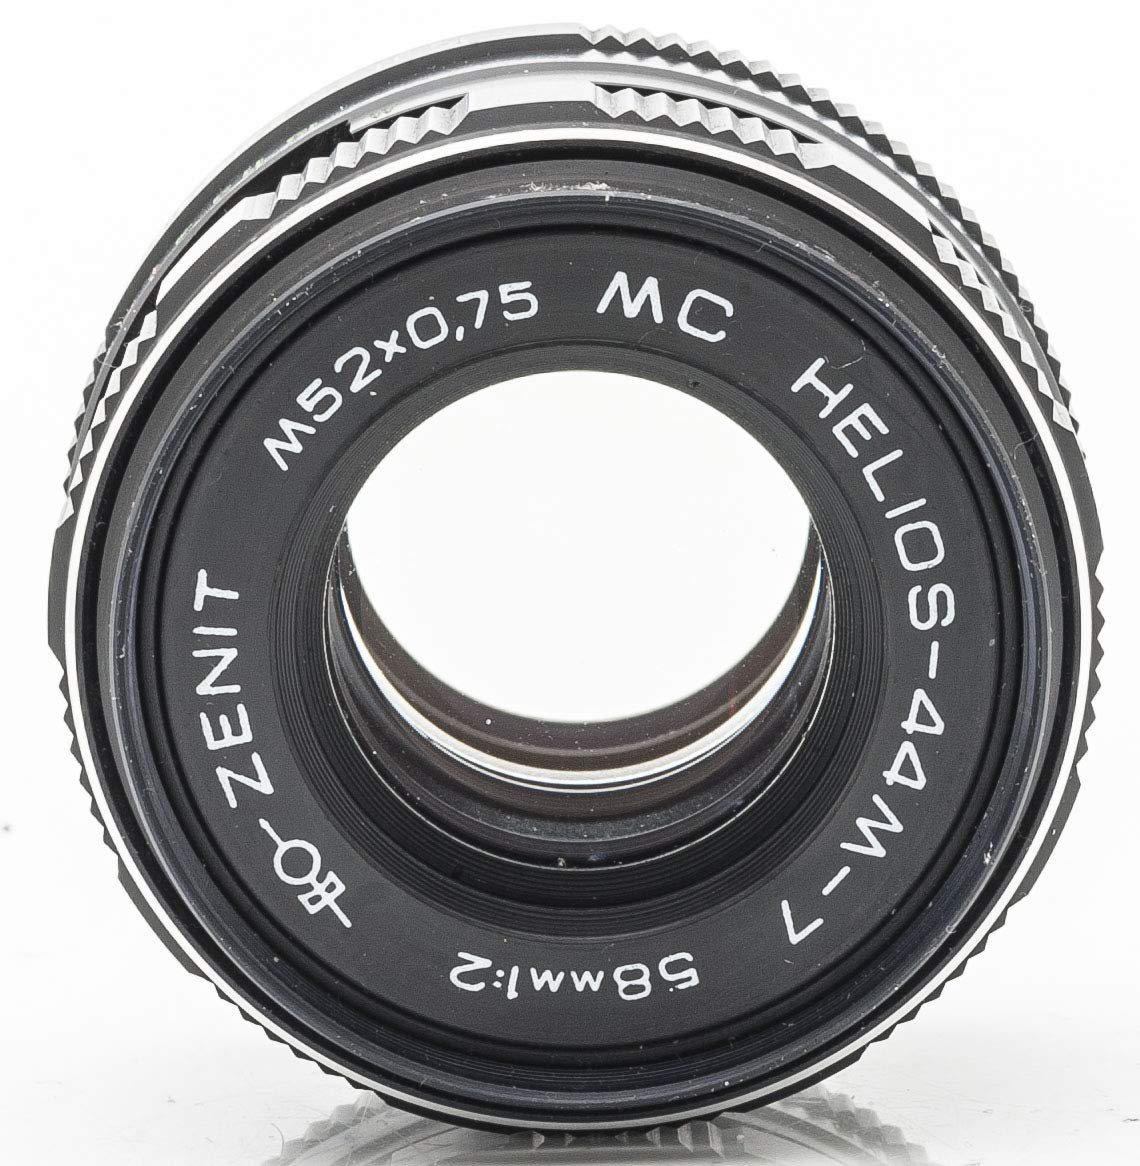 Amazon.com: Zenit Helios-44M-7 MC Helios 44M 7 2/58 1:2 ...